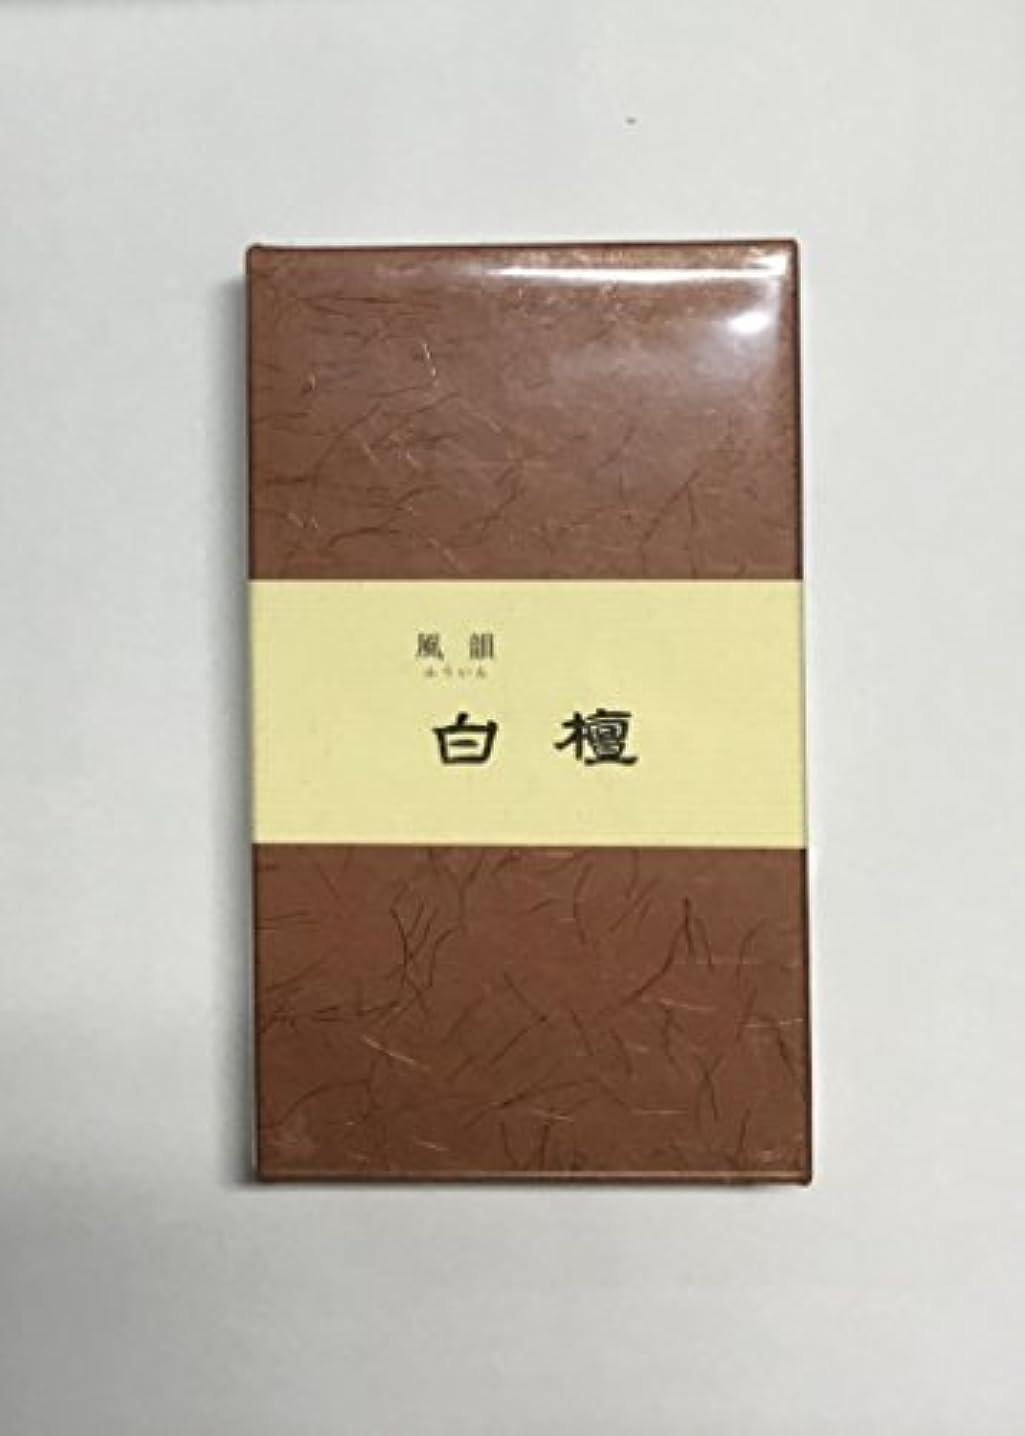 祝う登る六みのり苑 線香 風韻 白檀 短寸 天然香料 (100 グラム)